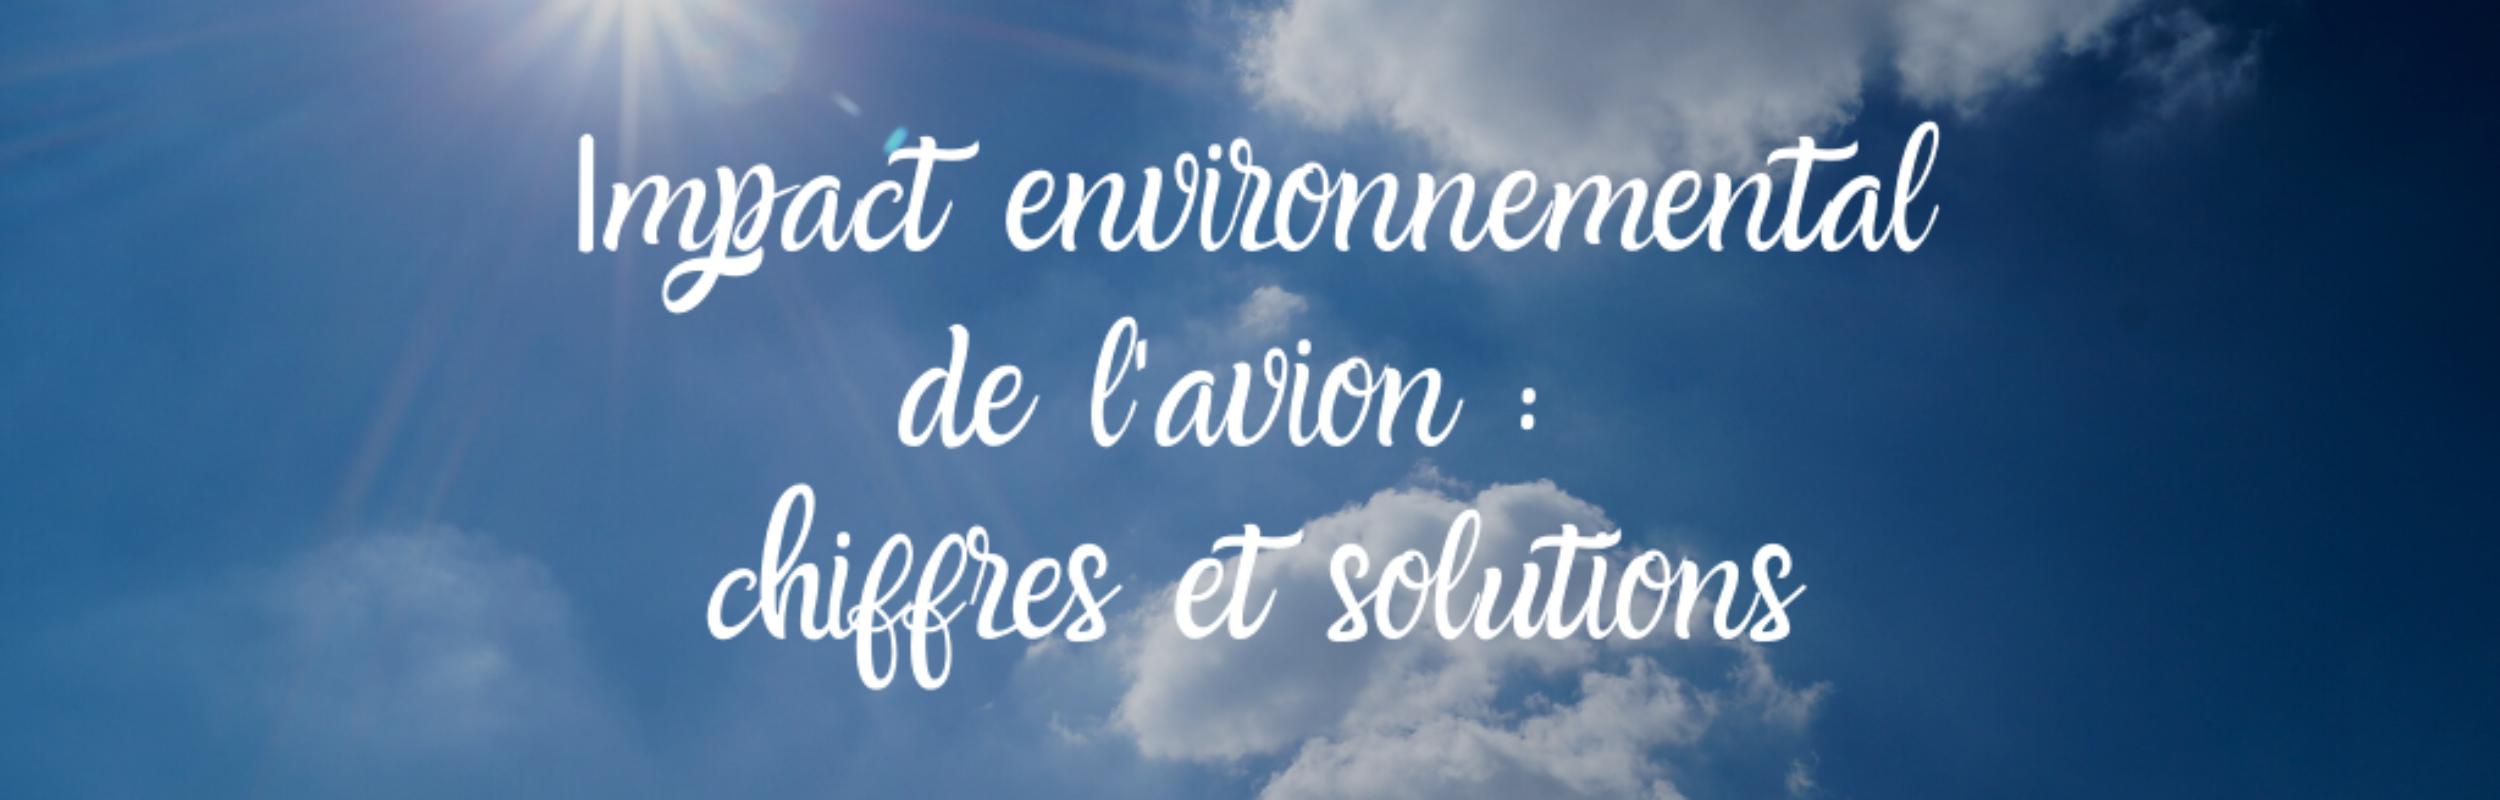 Impact environnemental de l'avion : chiffres et solutions